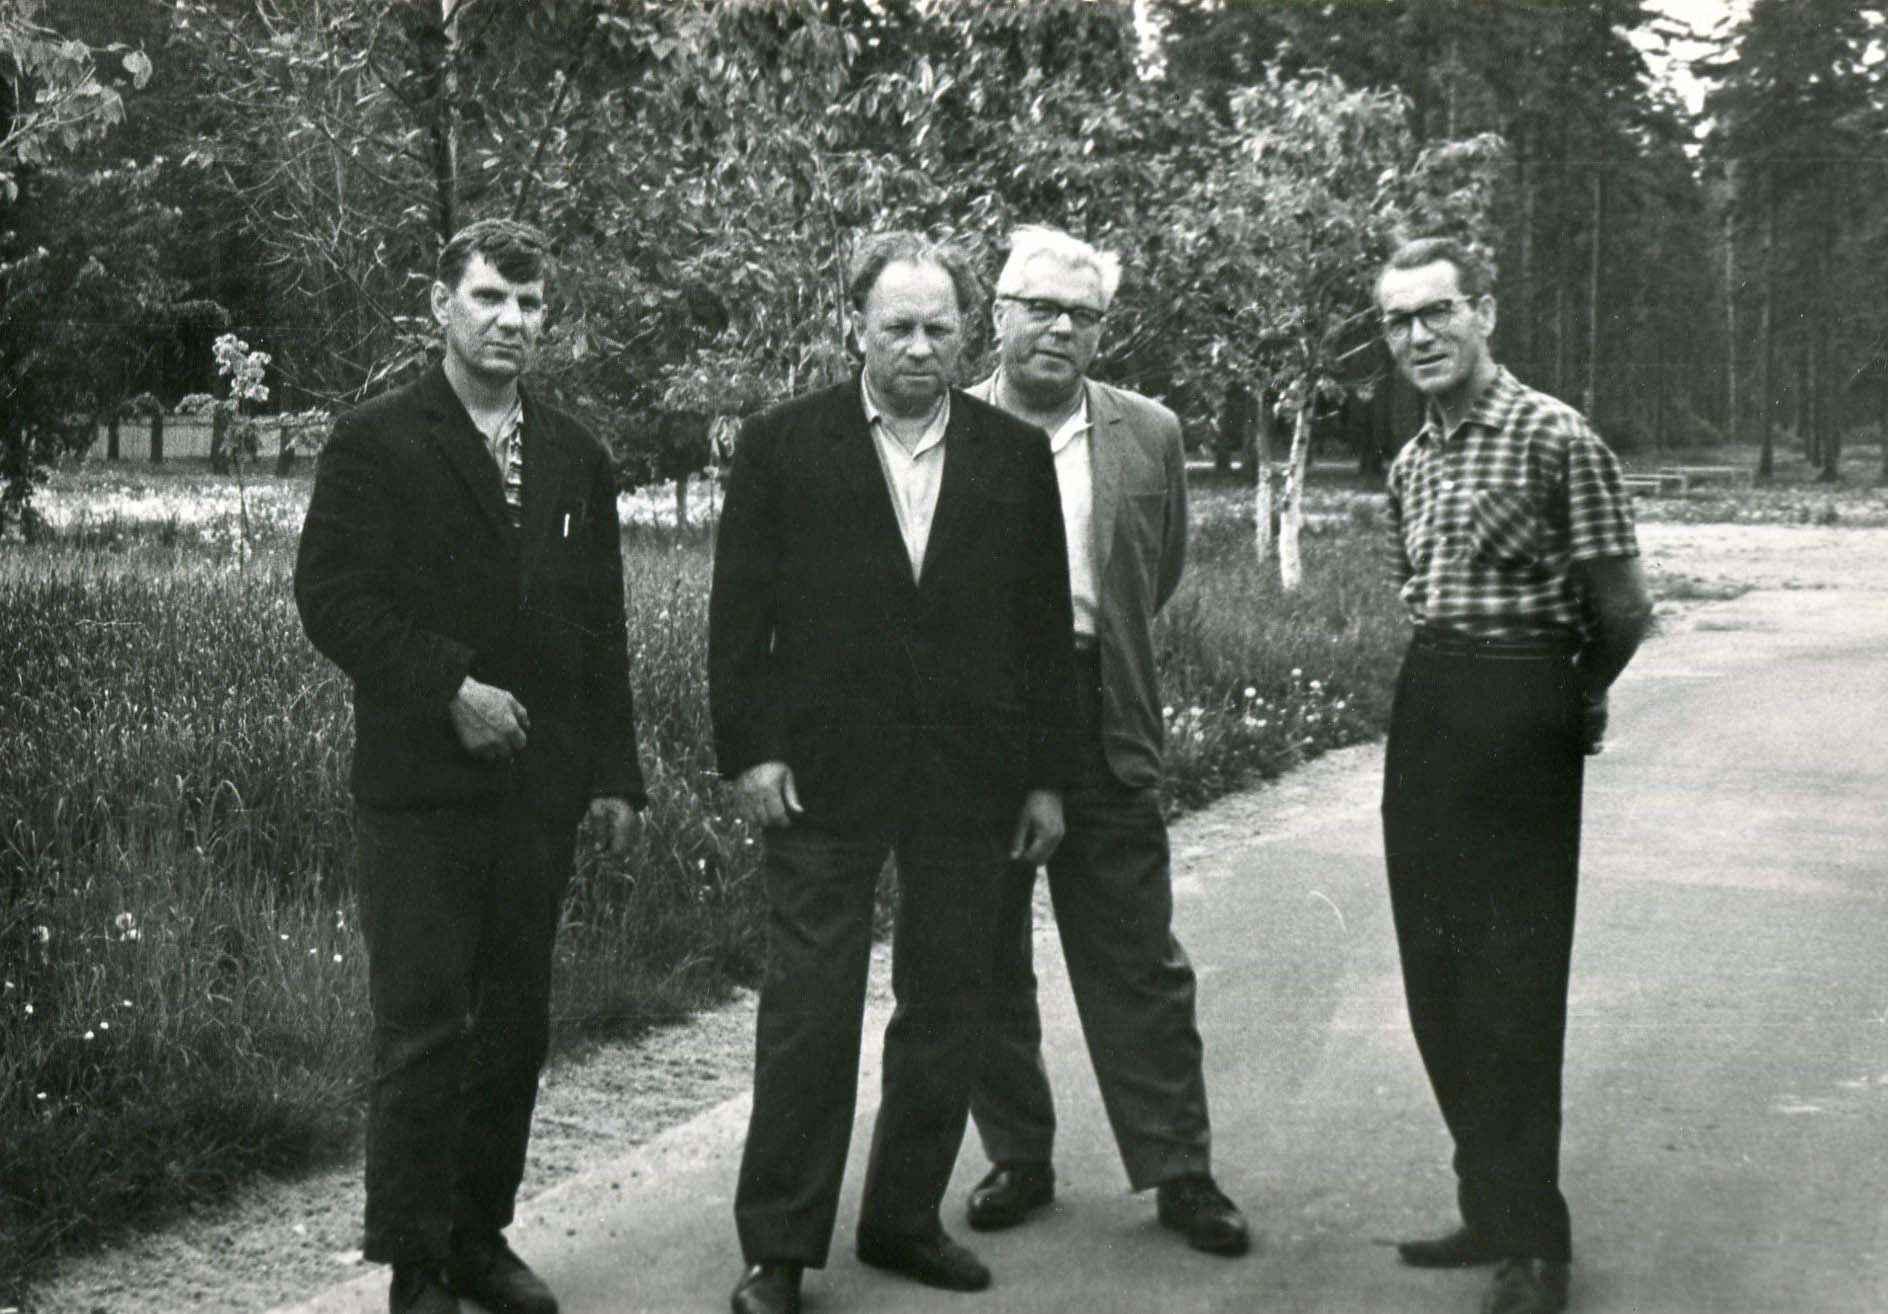 Экспонат #71. С Д. Кокошвили, В. Федоровым и А. Поповым. 1967 год